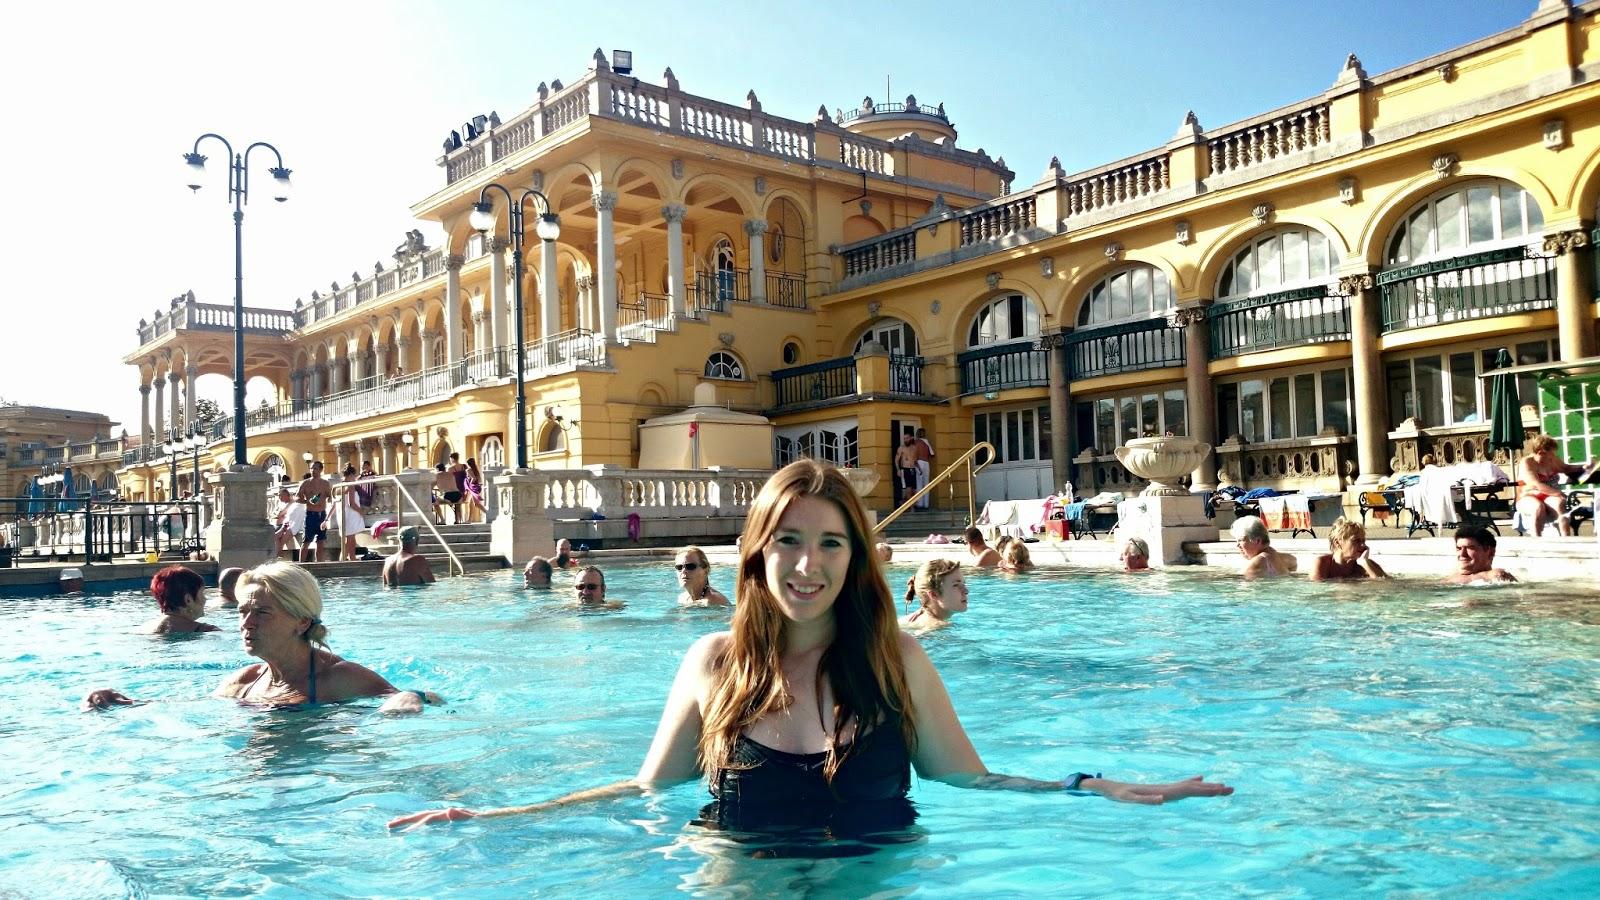 szechenyi thermal baths budapest hungary